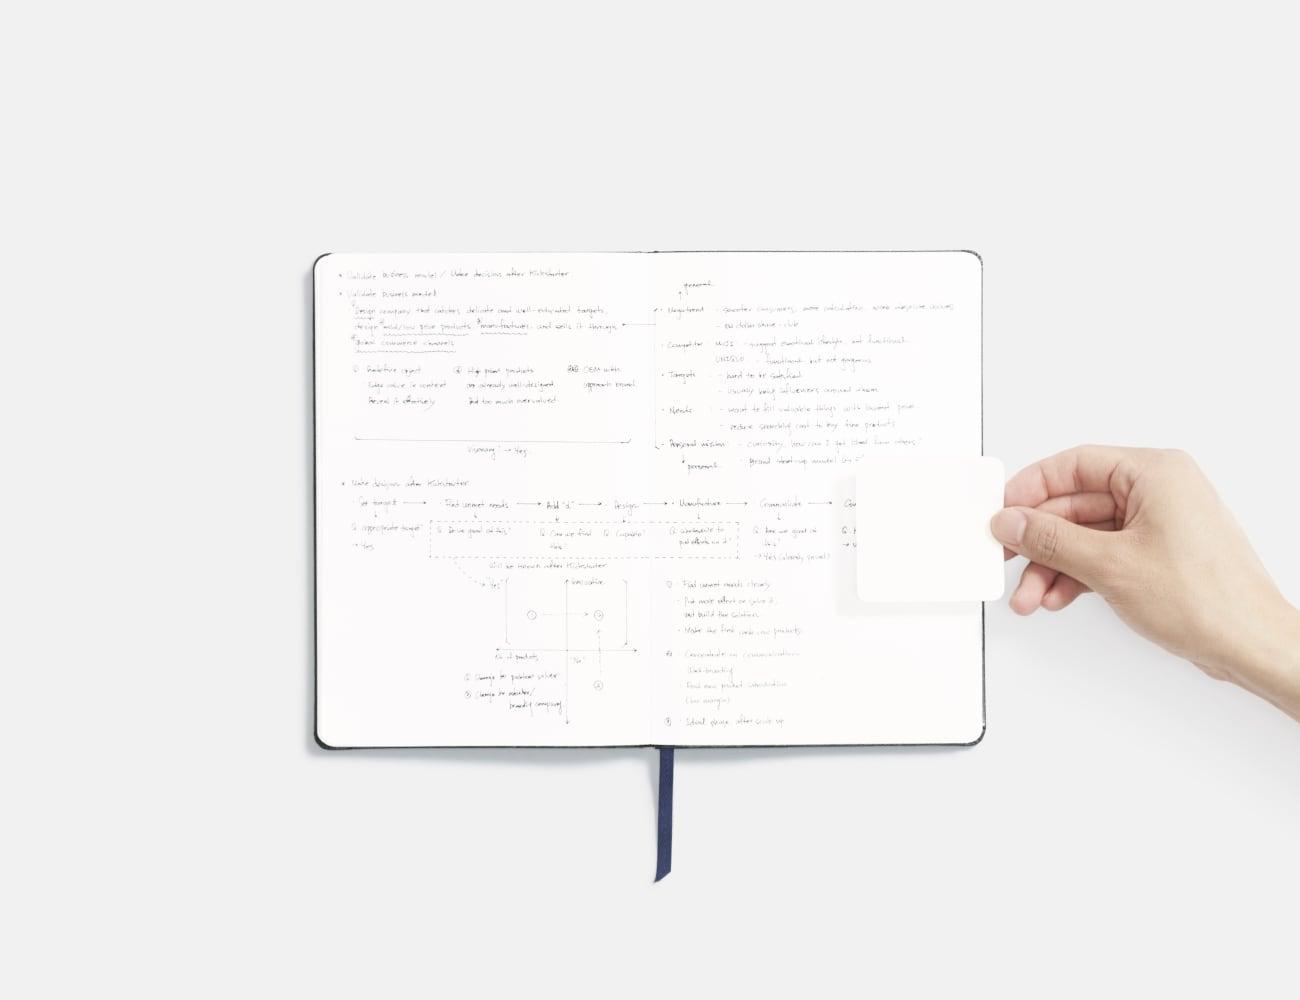 Approach Innovative Notebook System